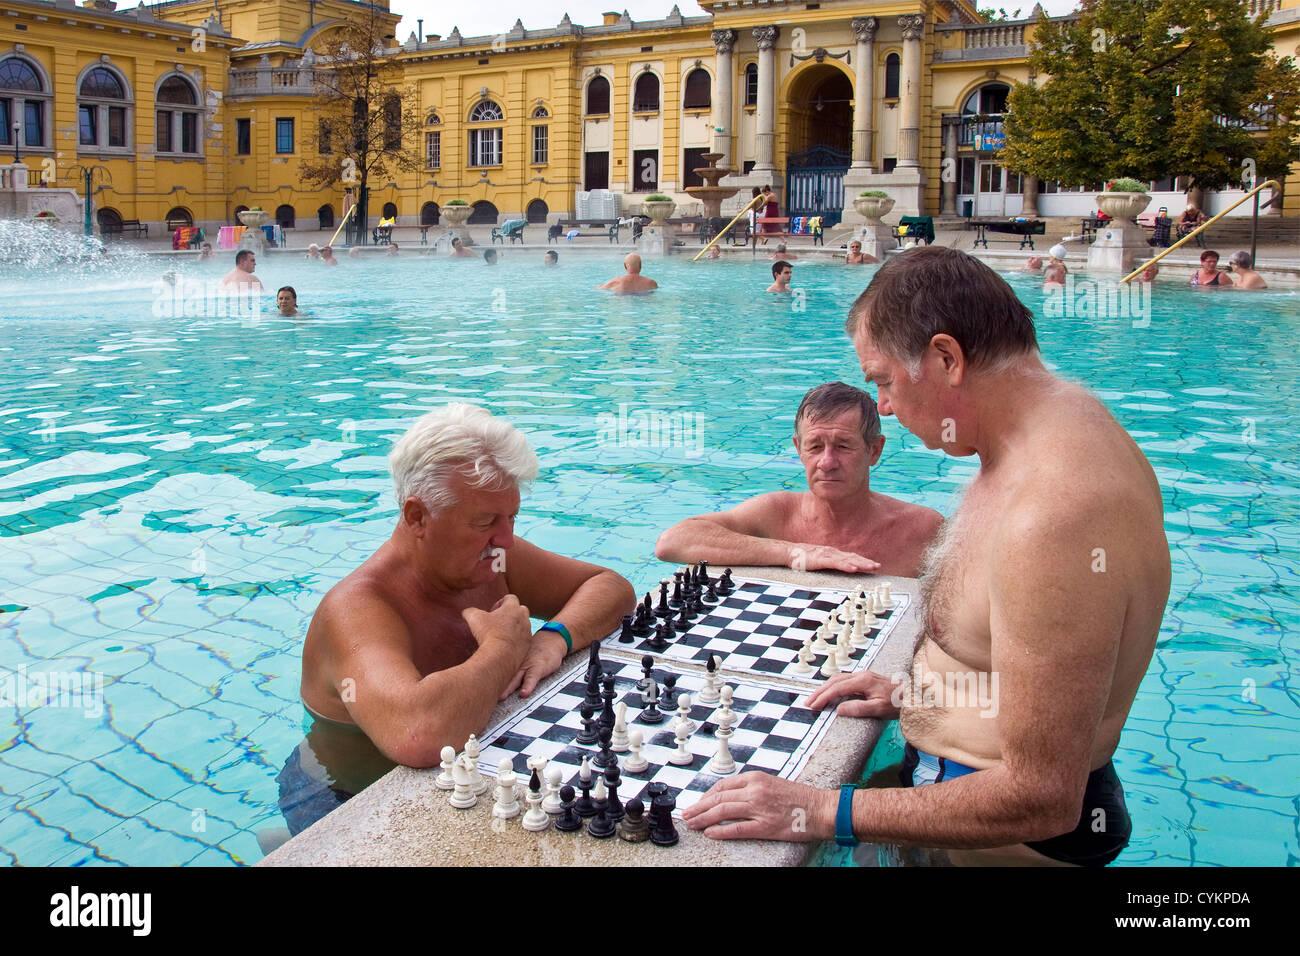 Hungary, Budapest, Széchenyi (Szechenyi) thermal Baths, spa and swimming pool, chess players - Stock Image